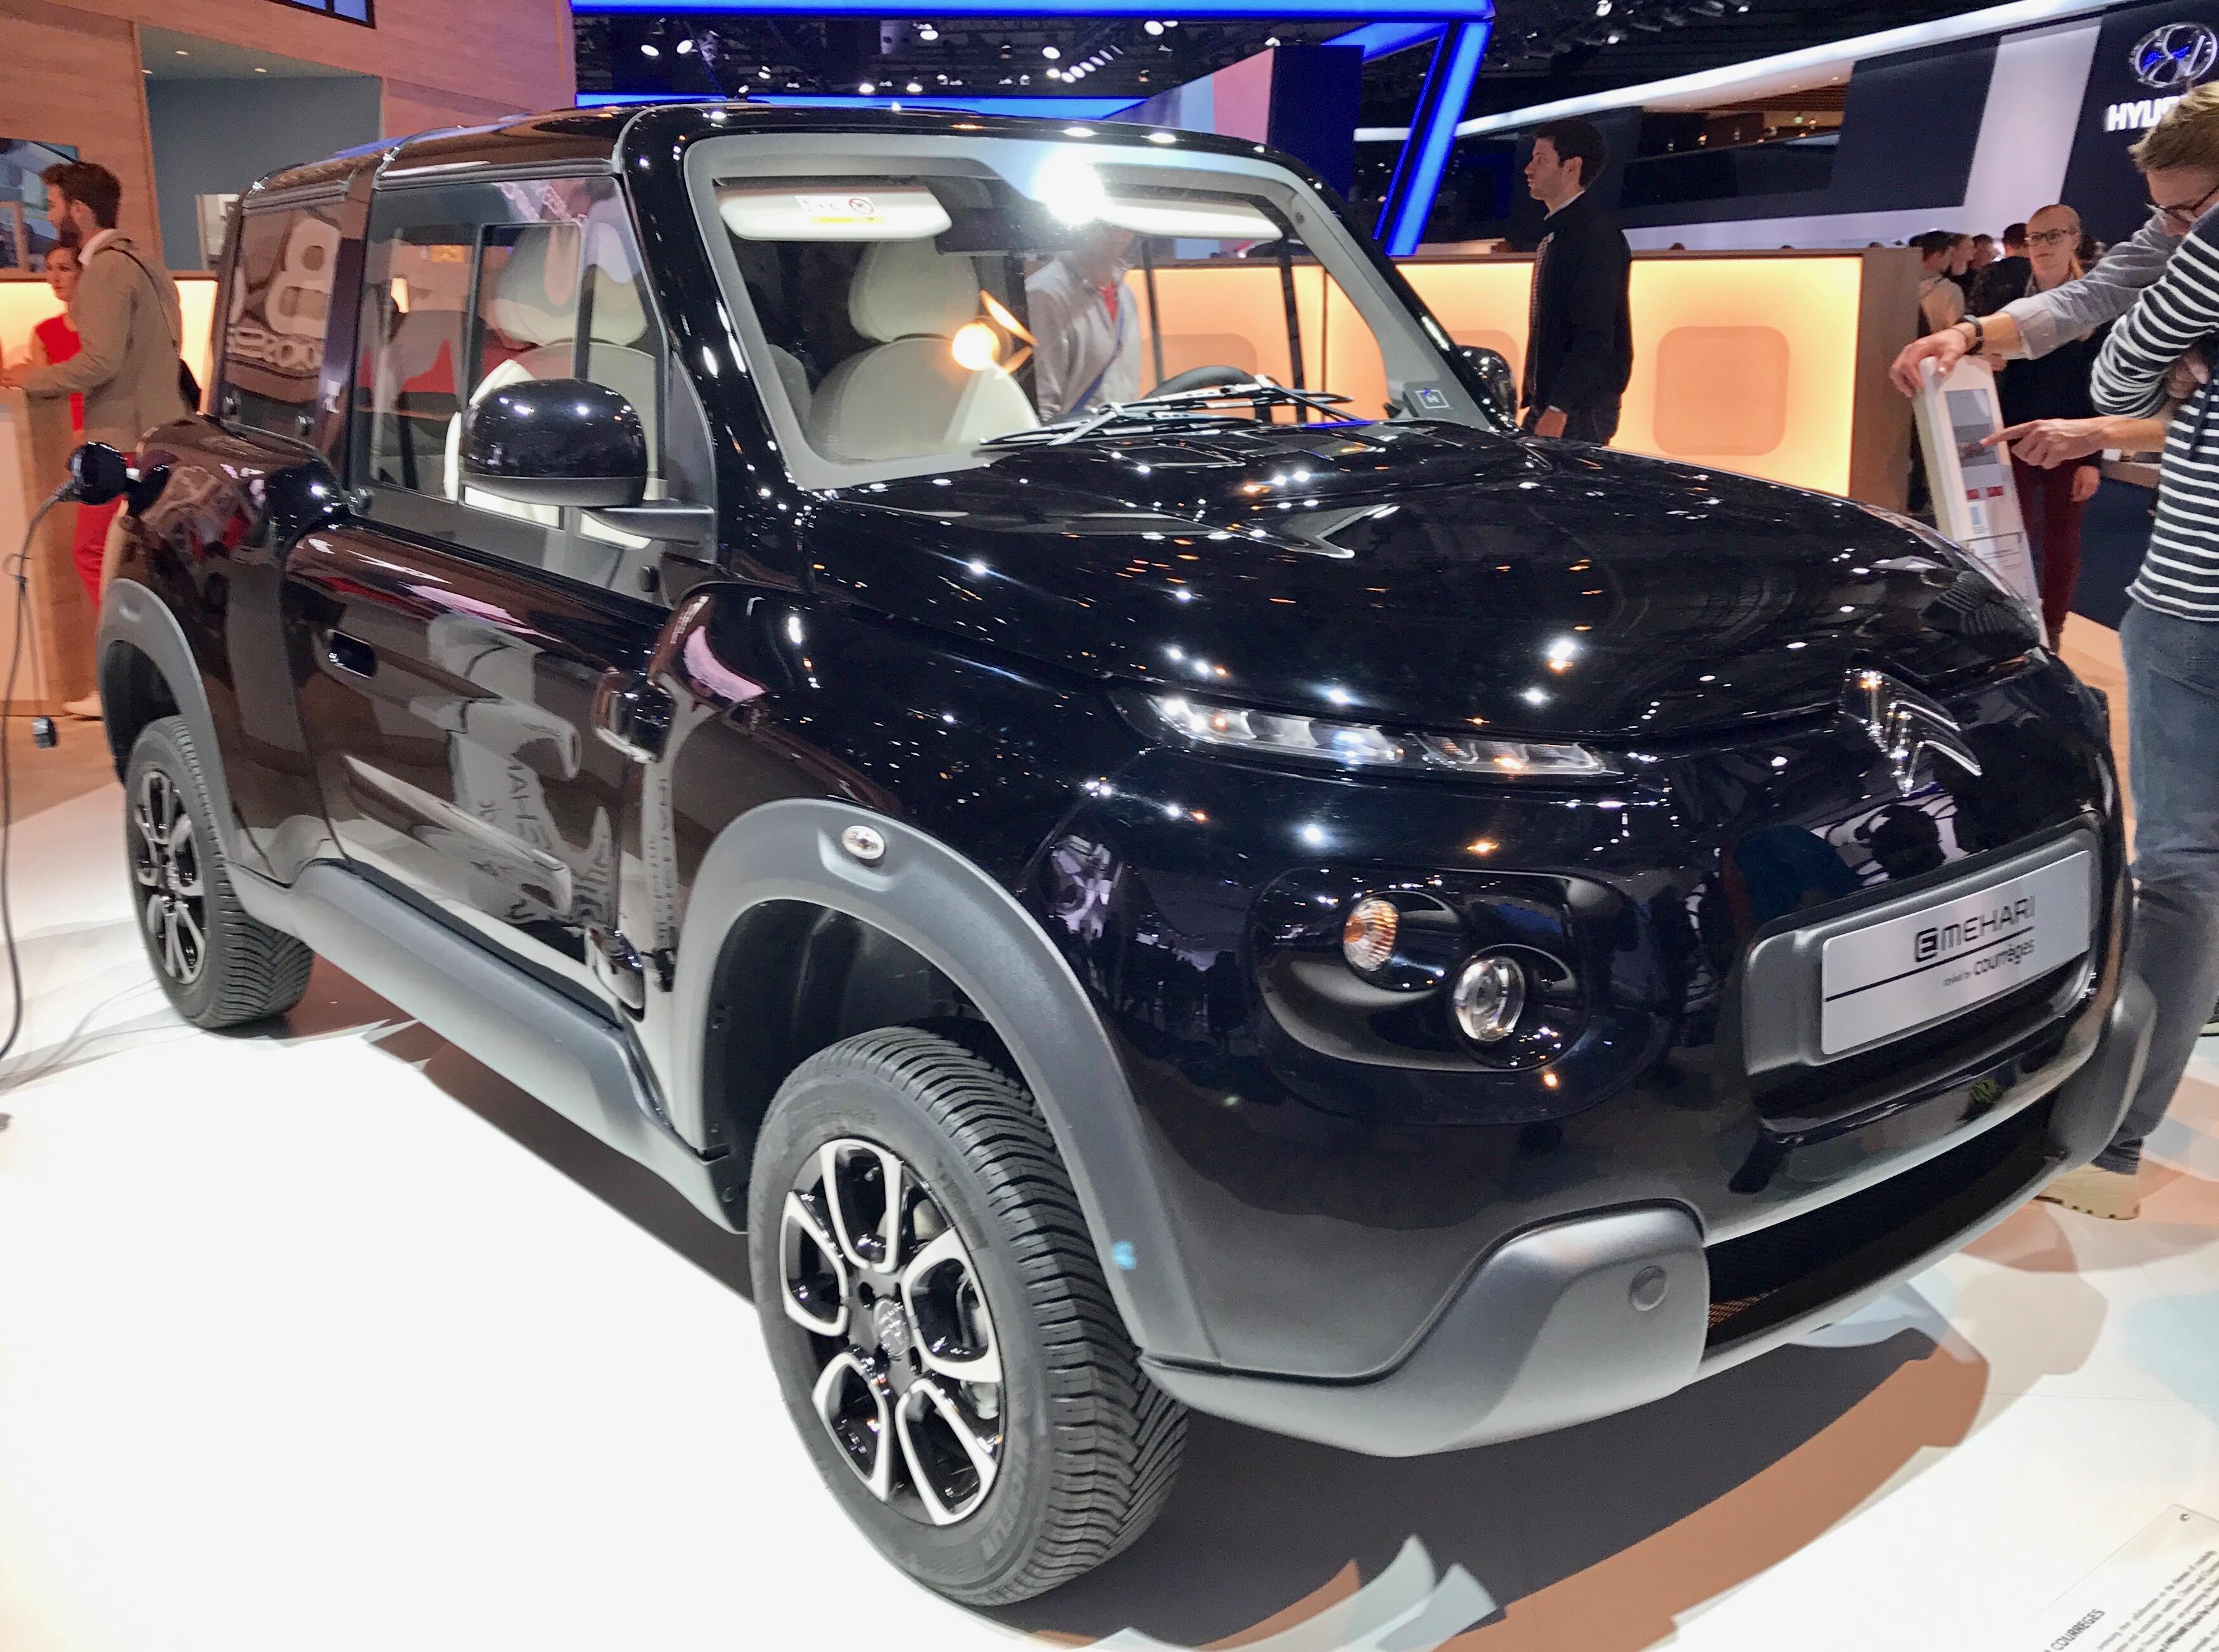 Citroen esitteli IAA2017 automessuilla E-Meharia